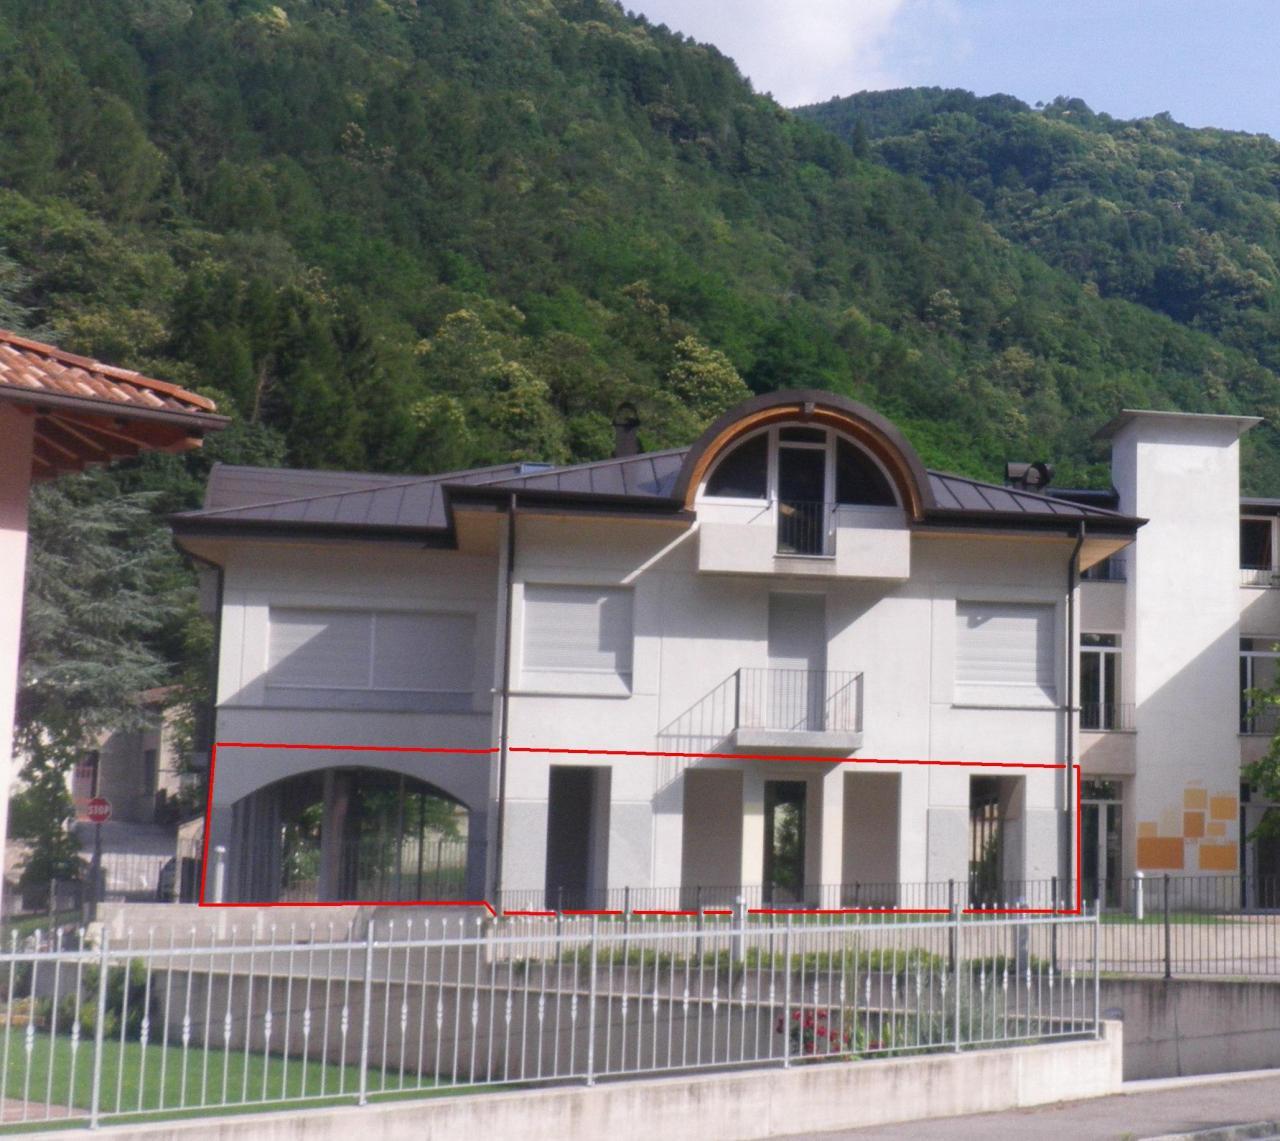 Negozio / Locale in affitto a Condino, 9999 locali, prezzo € 800 | CambioCasa.it